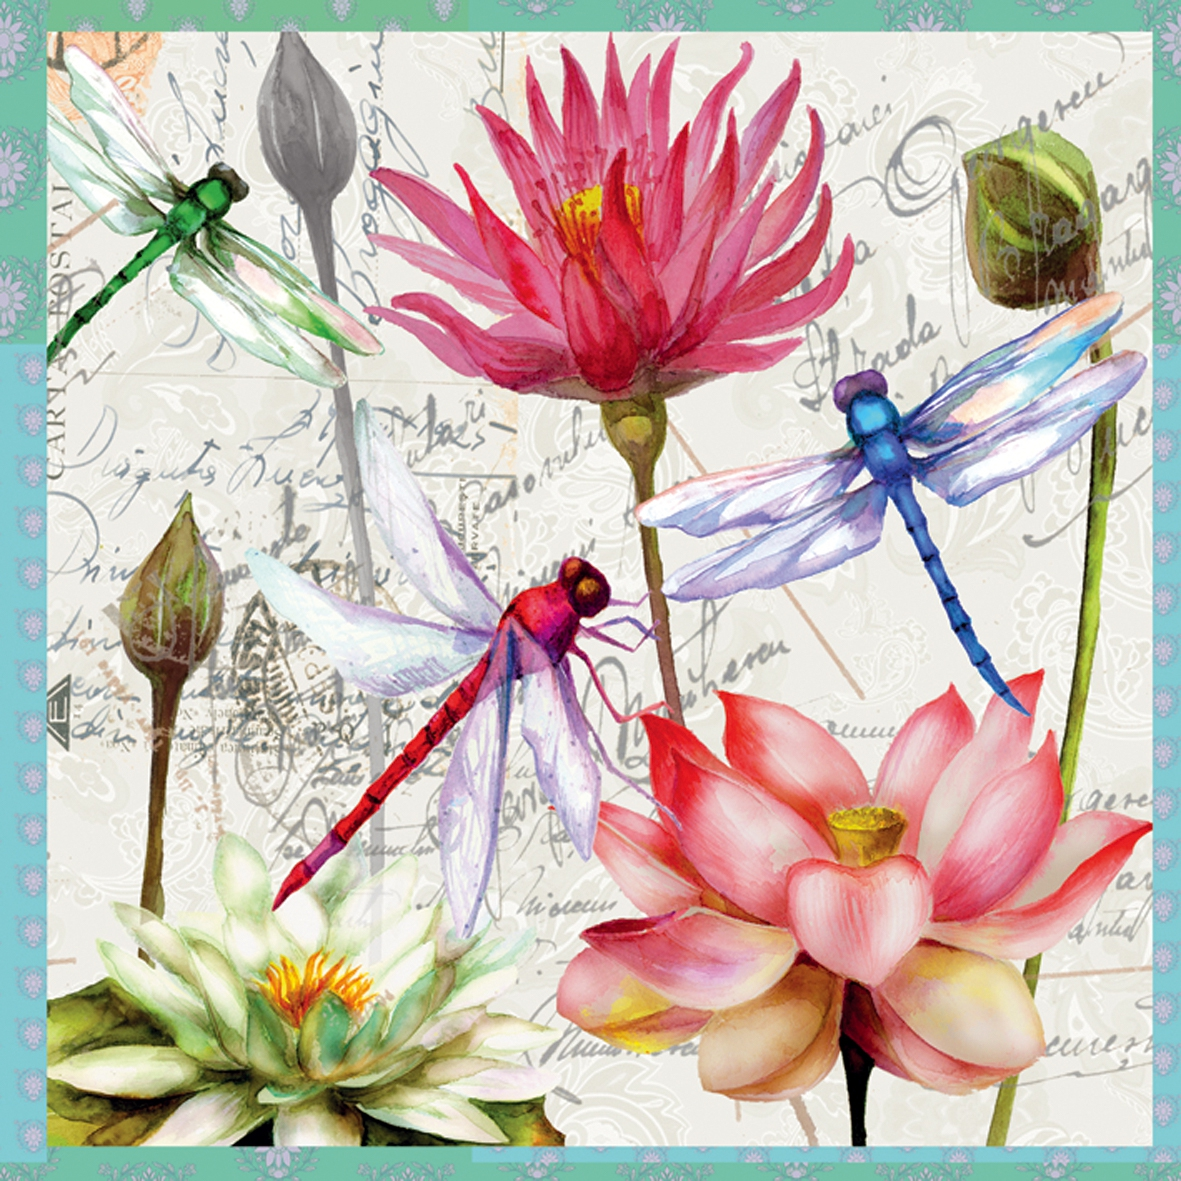 Servietten / Sonstige Blumen,  Blumen -  Sonstige,  Blumen - Seerosen,  Blumen,  Everyday,  lunchservietten,  Insekten,  Libelle